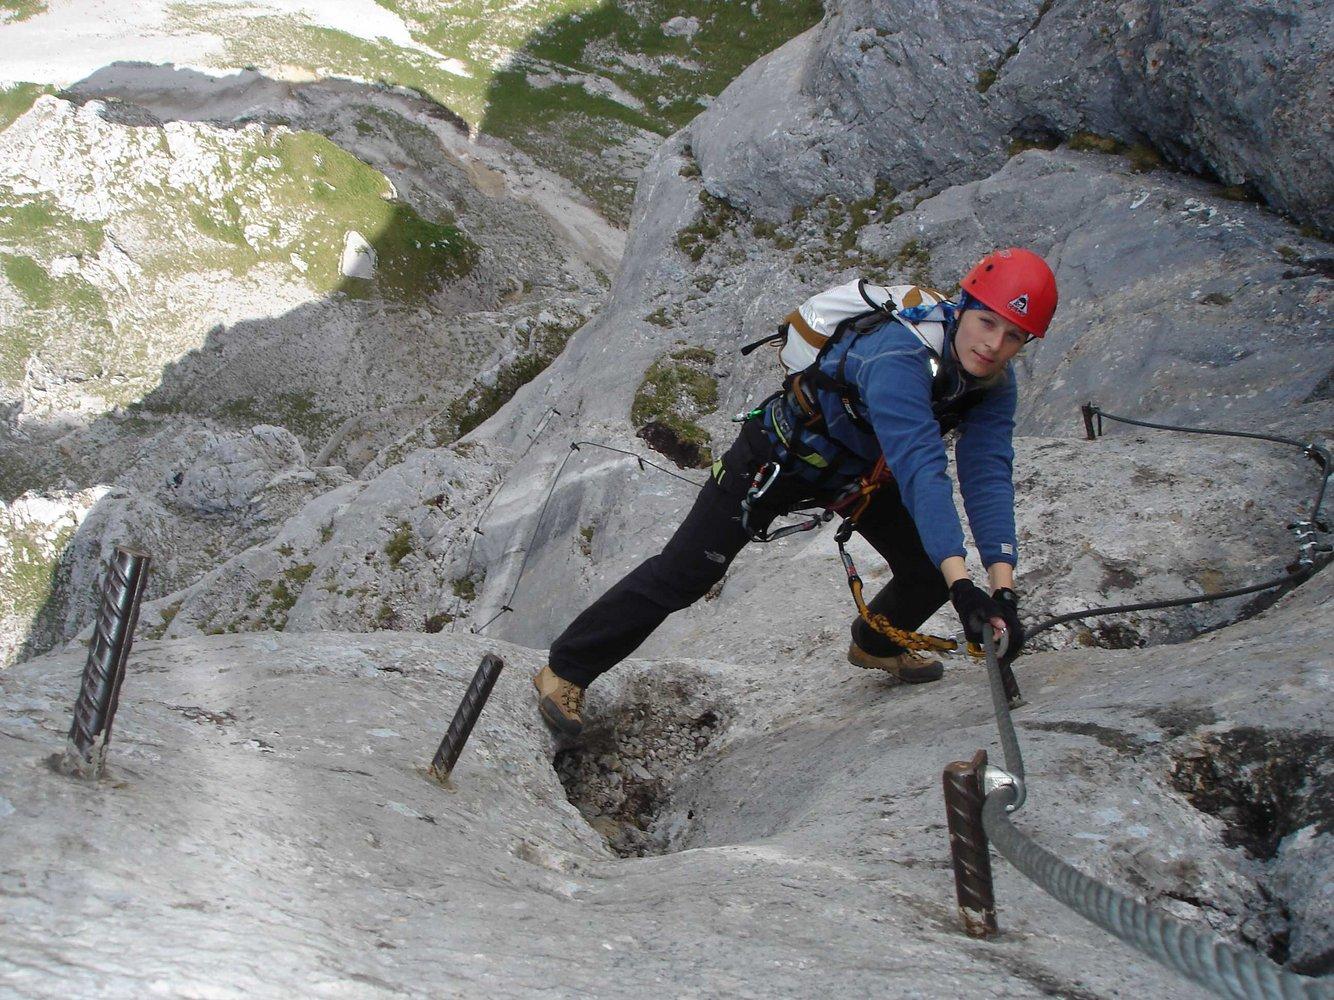 Klettersteig Eisenerz : Klettersteig eisenerz pfaffenstein klettern gps